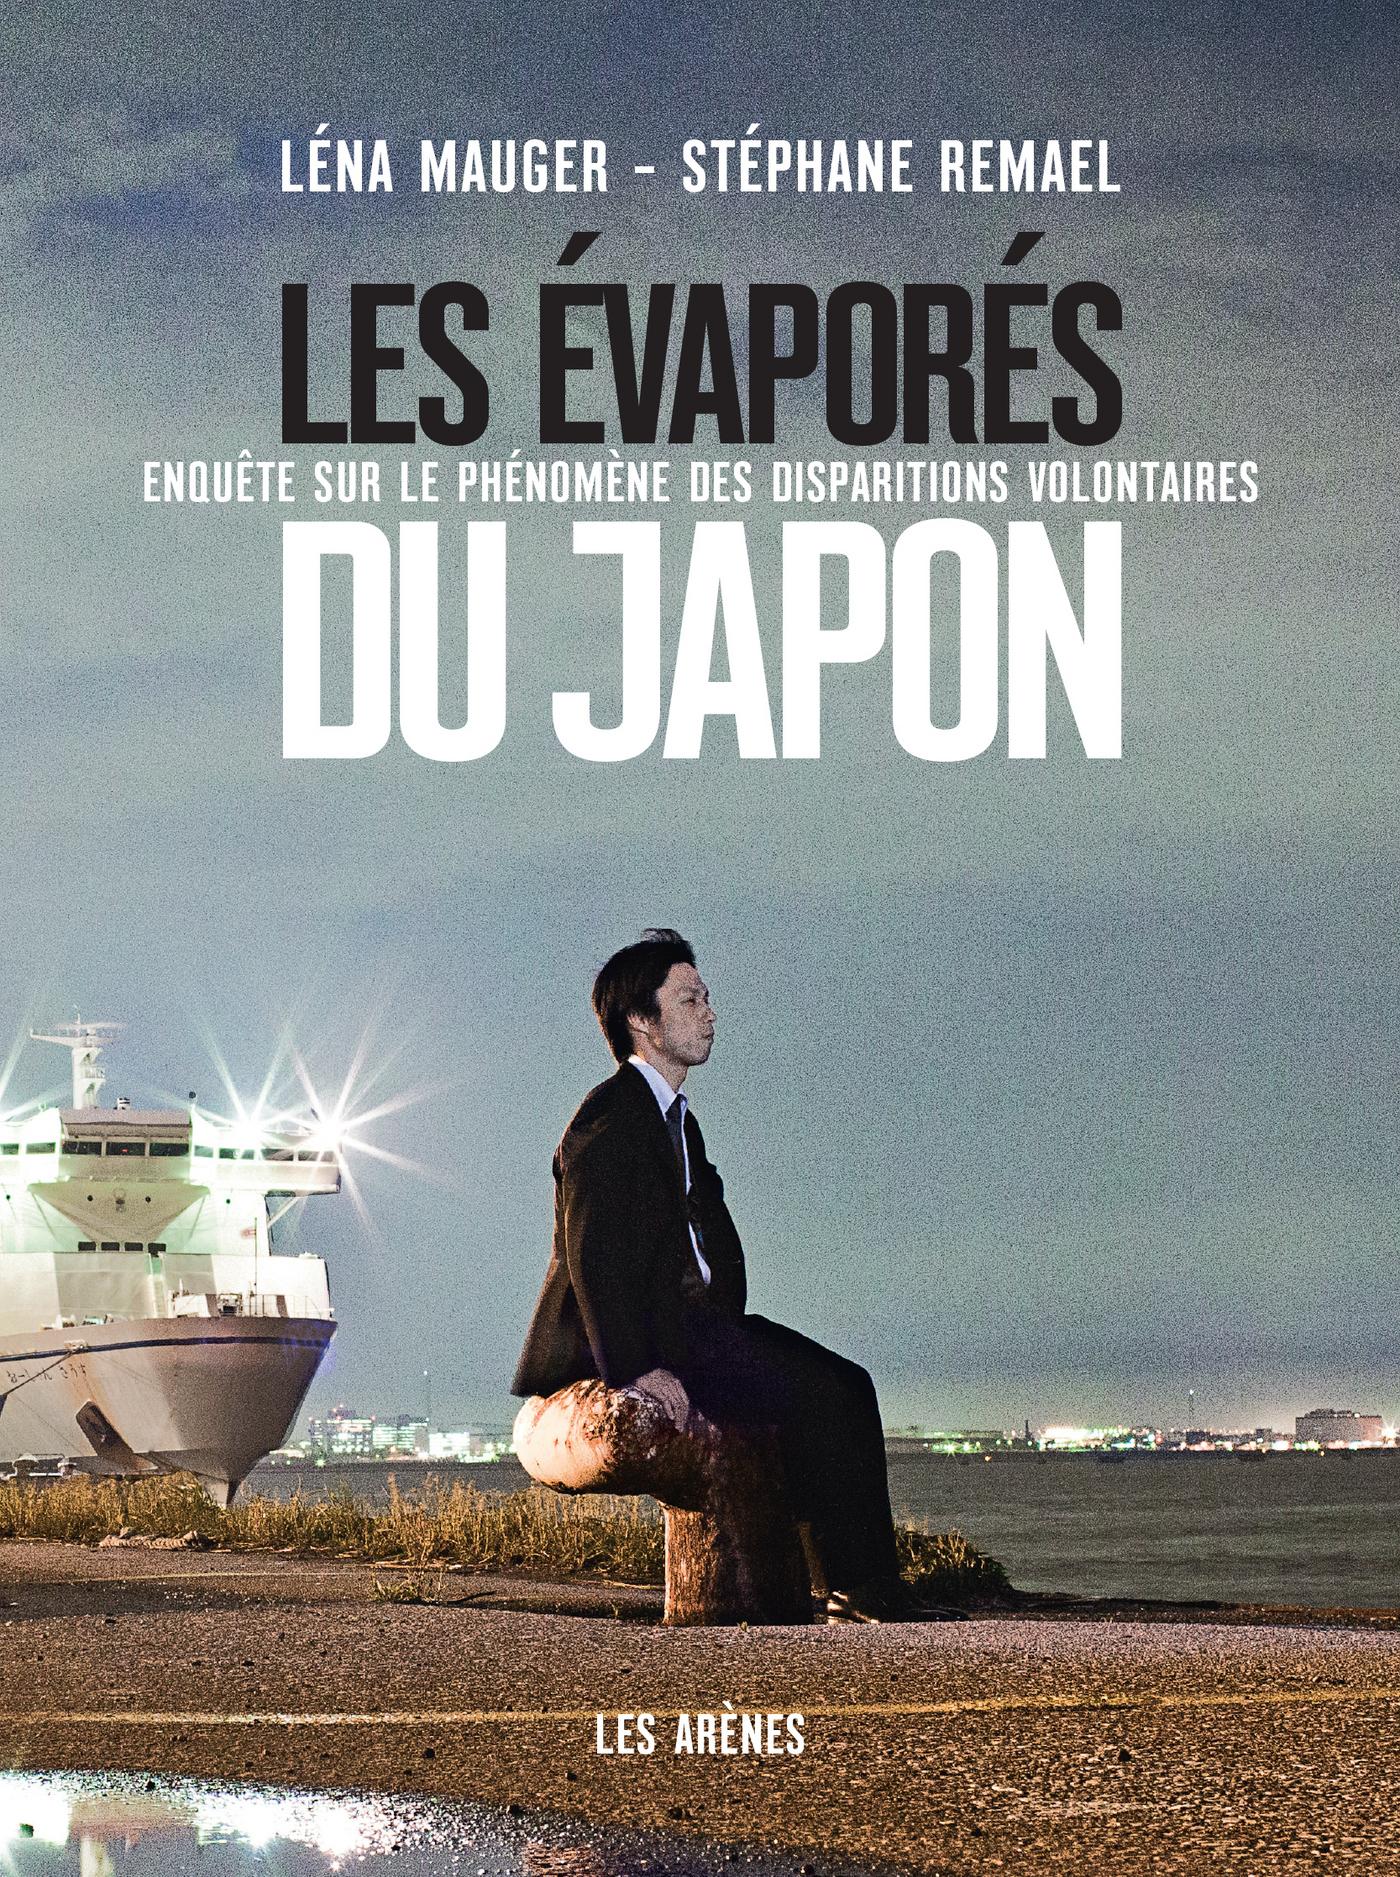 Les Evaporés du Japon